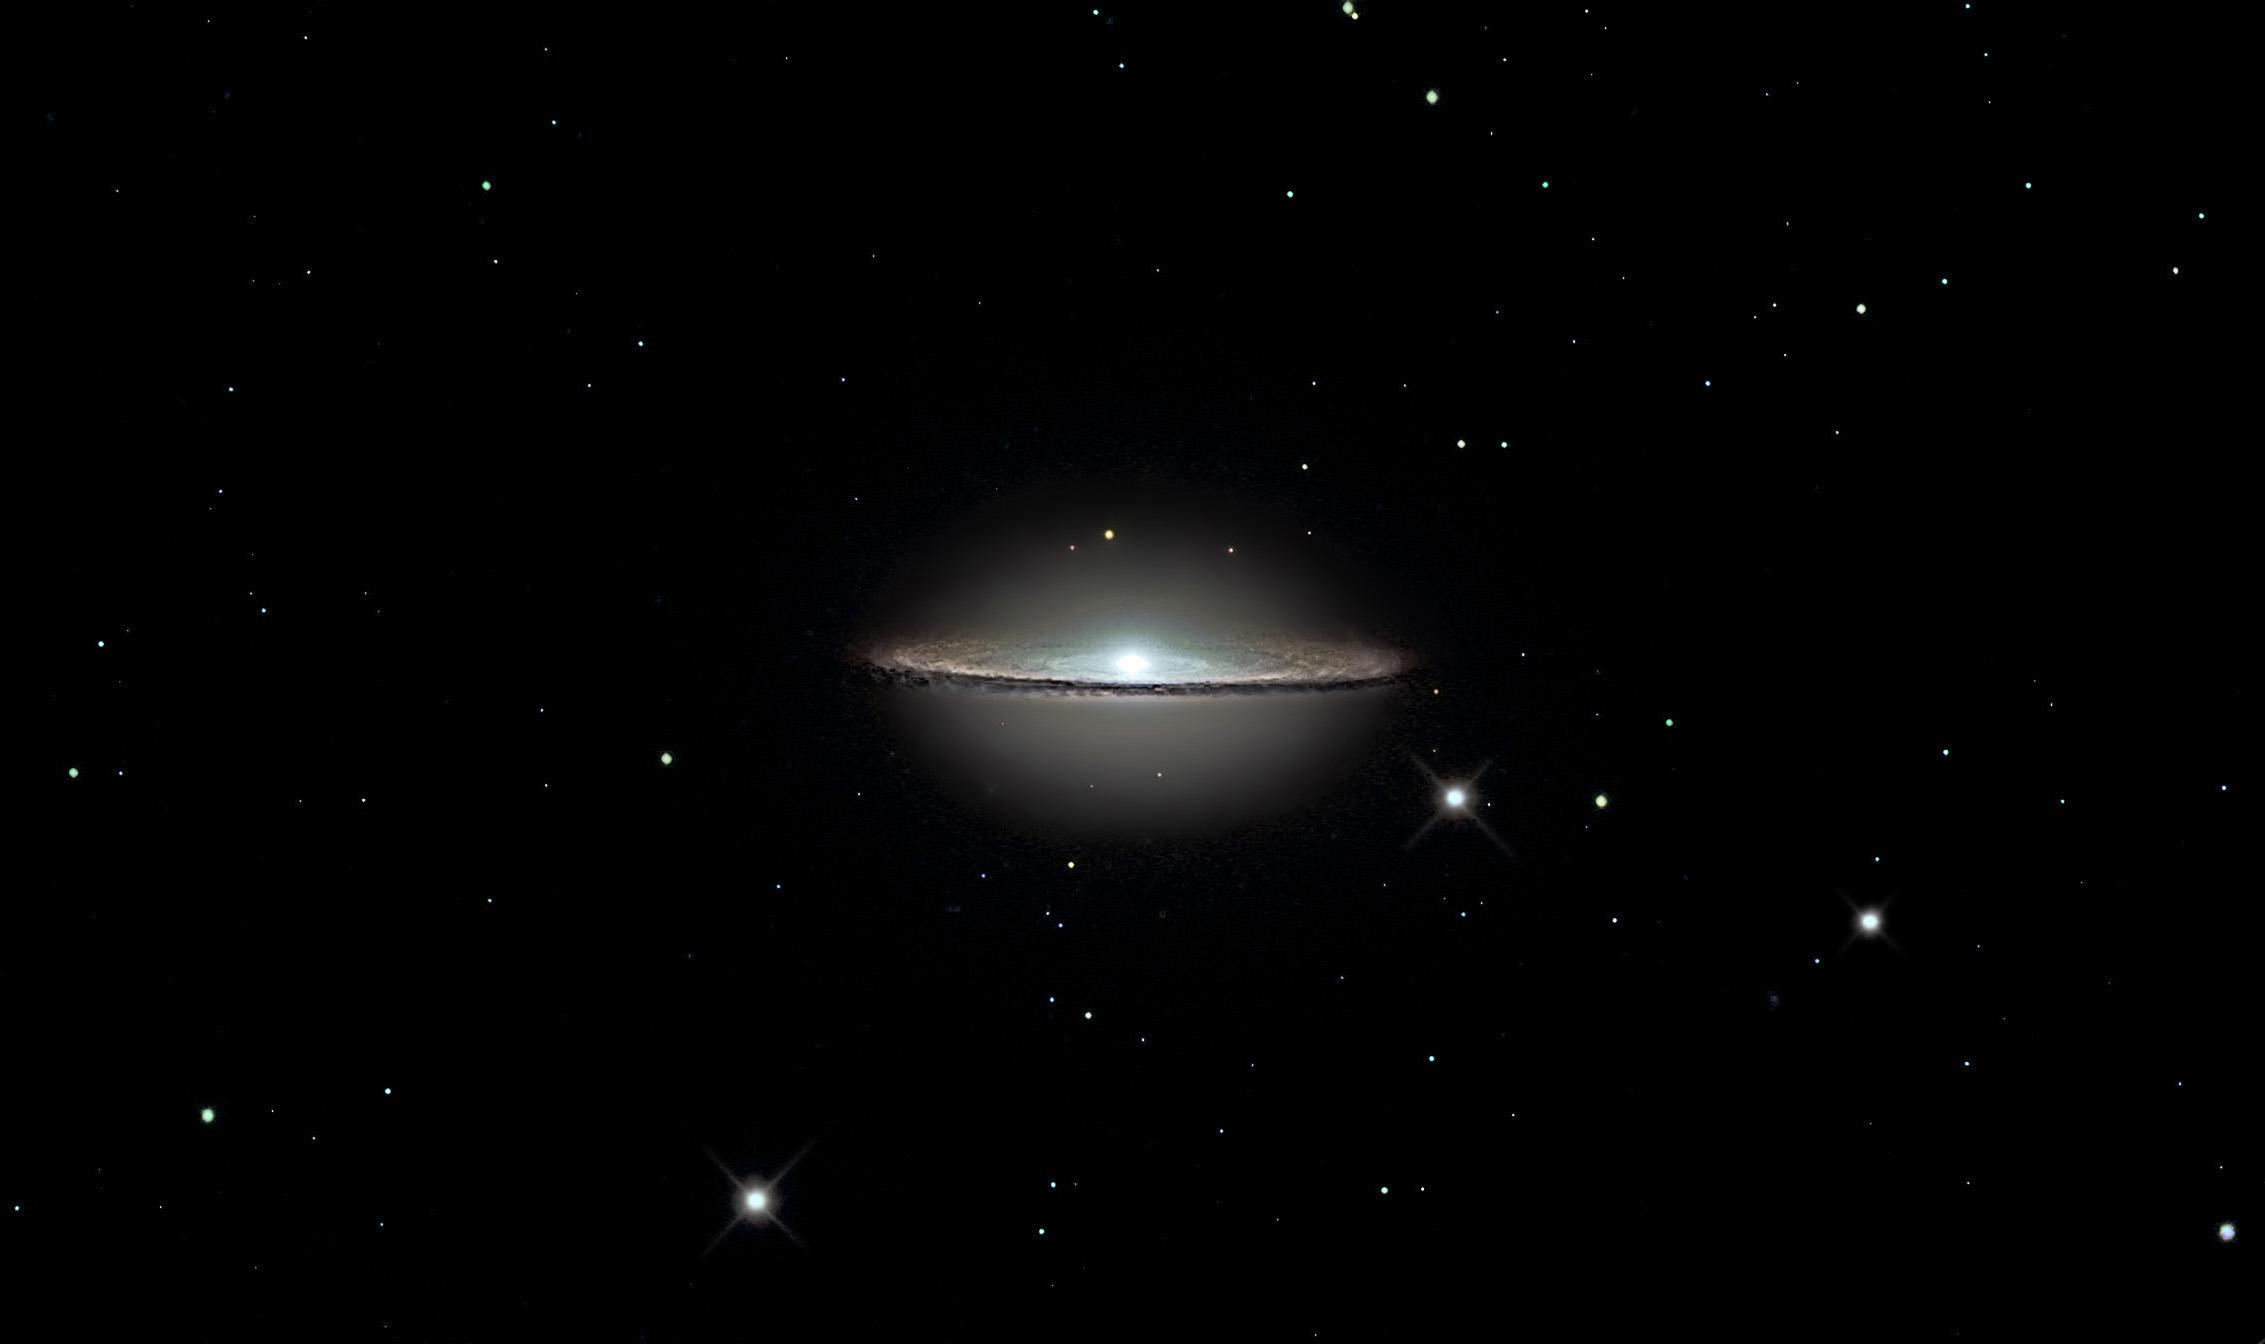 Sombrero Galaxy Nasa - Pics about space